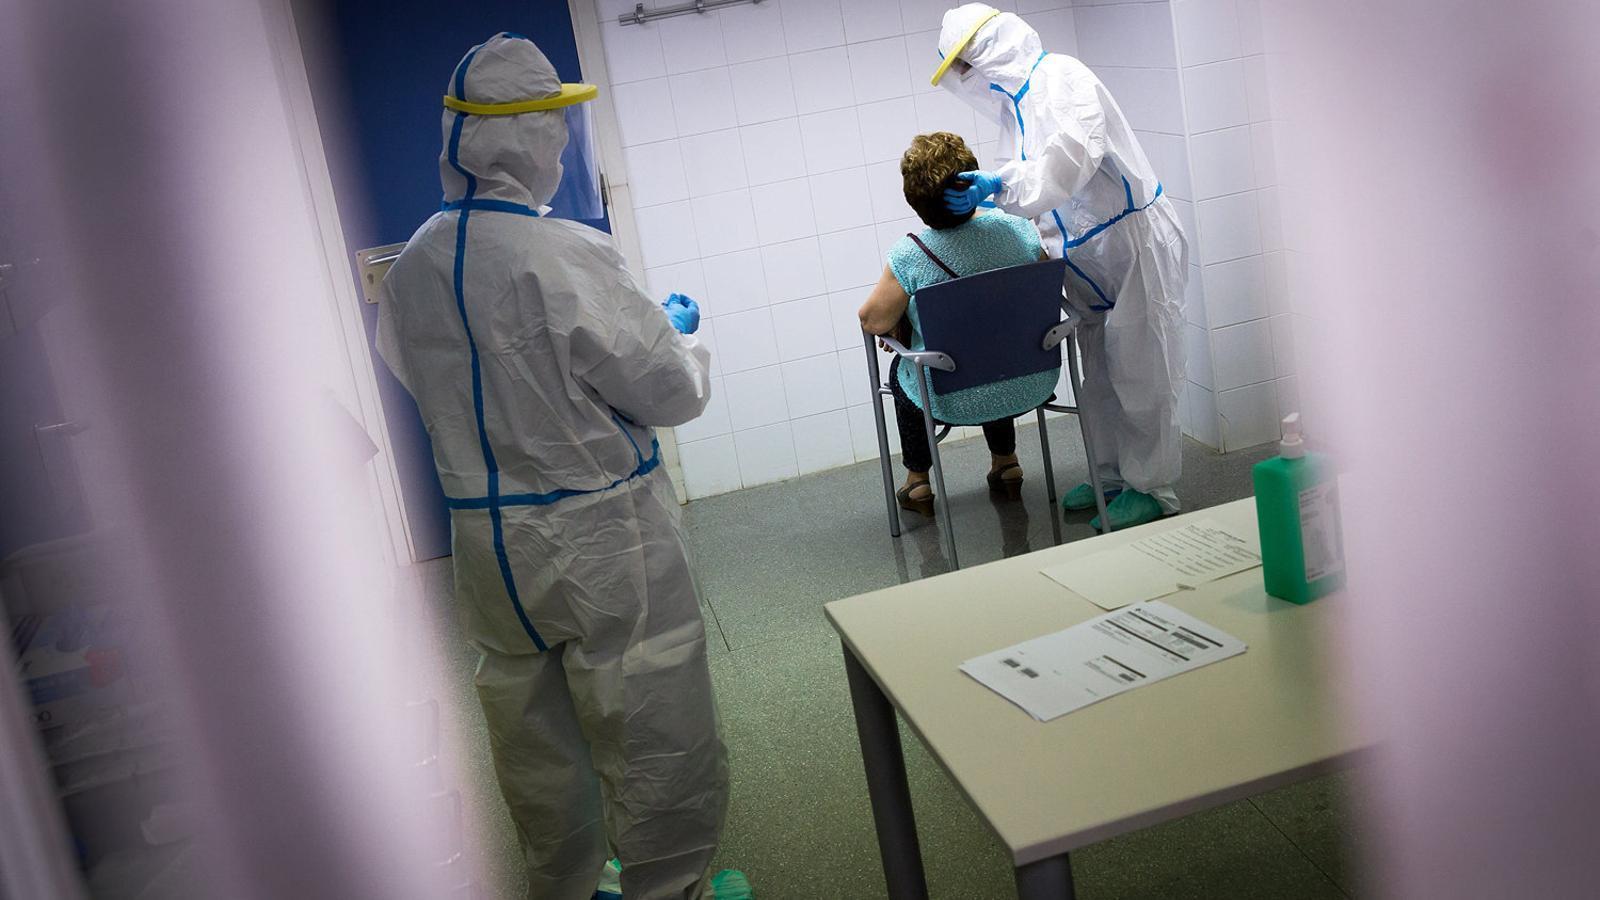 Salut no exigirà quarantena als curats del covid i els dona per immunitzats